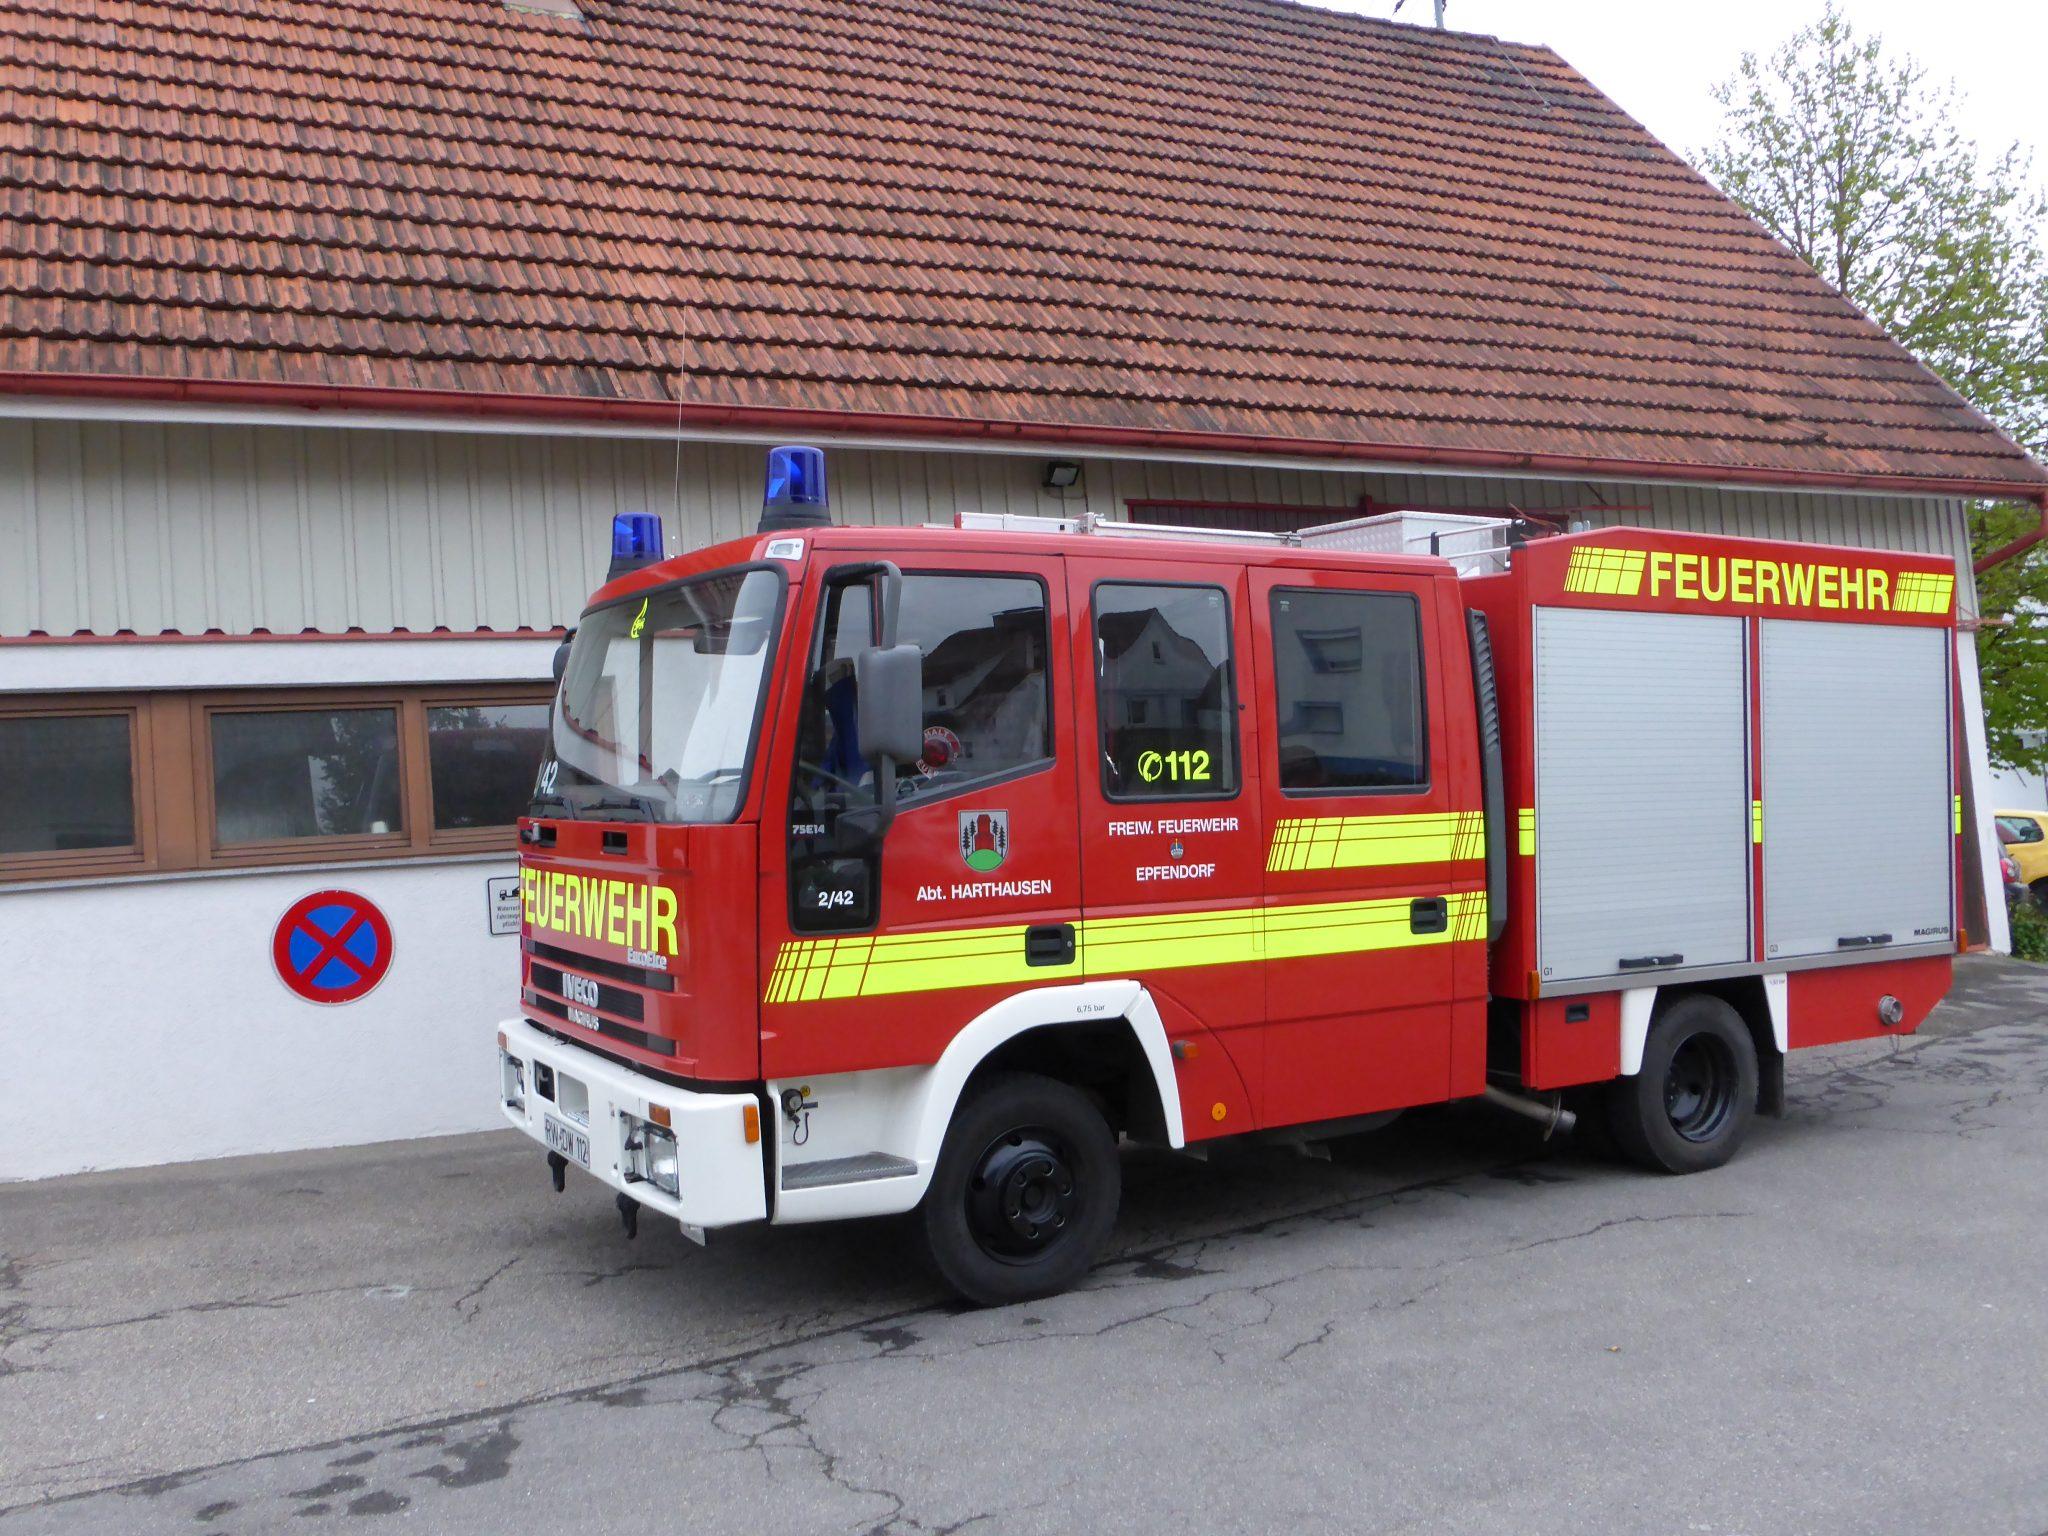 Feuerwehr Epfendorf